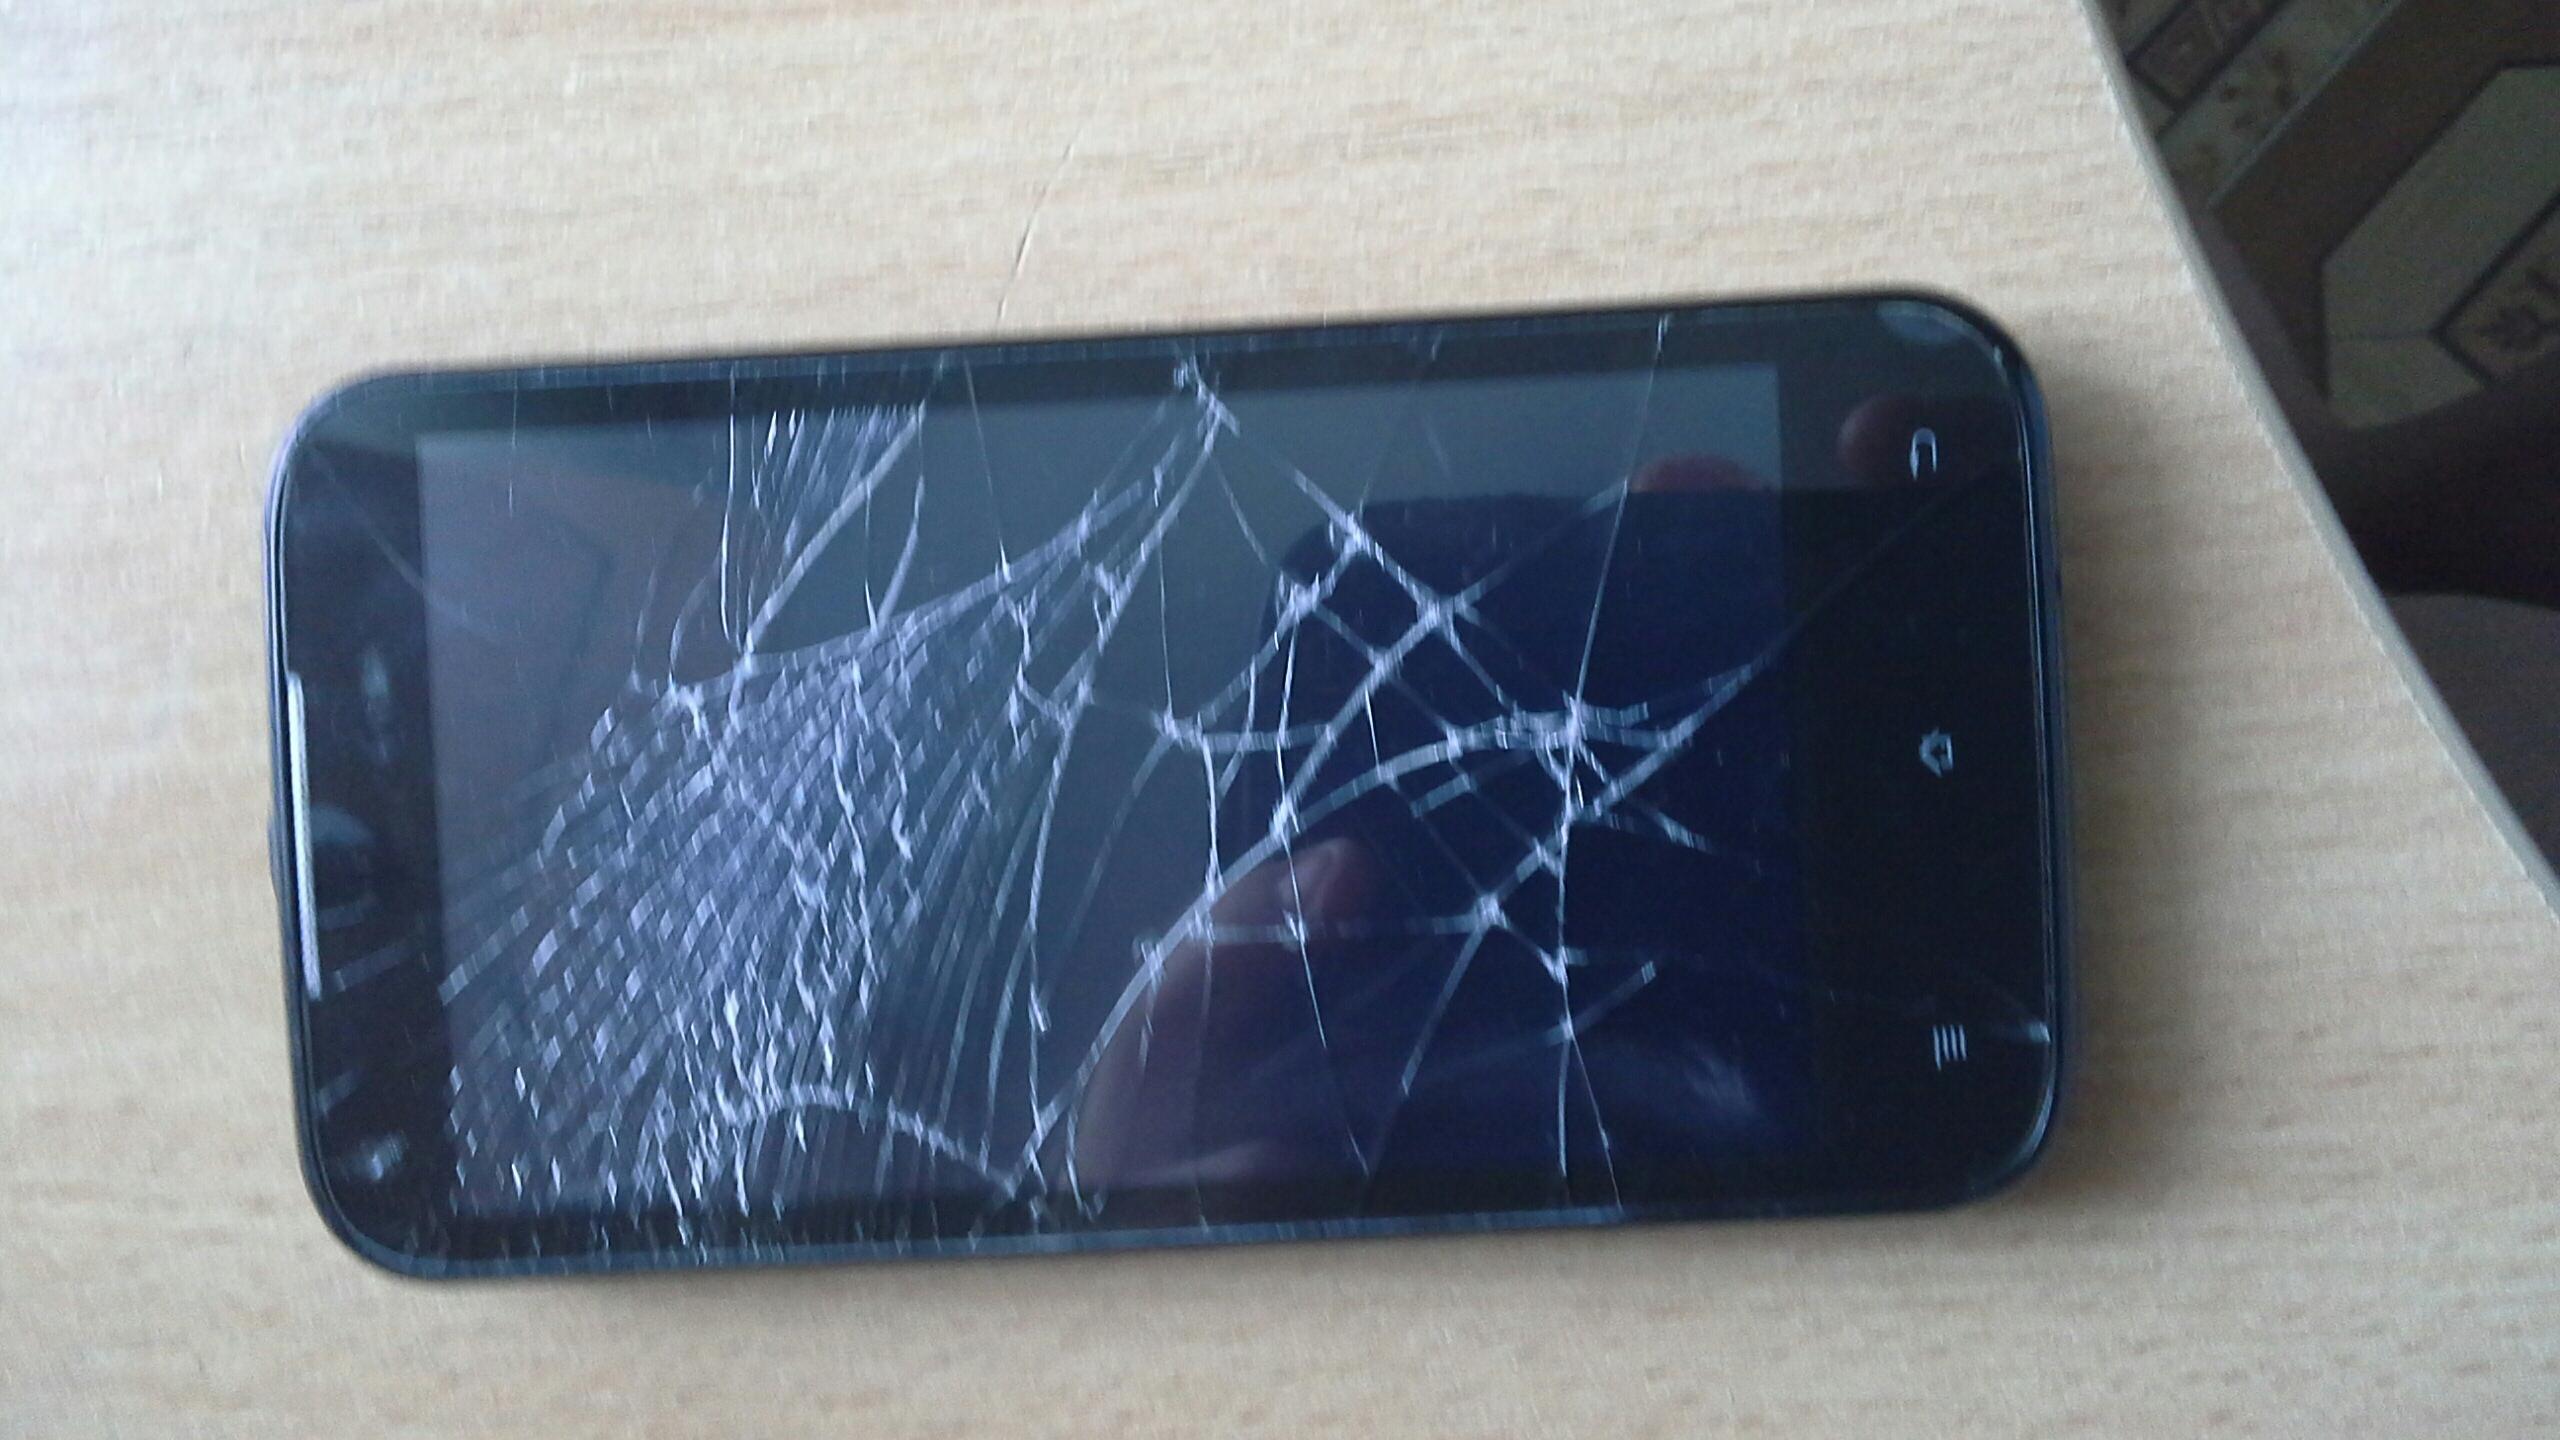 Как избавиться от трещин на экране телефона в домашних условиях